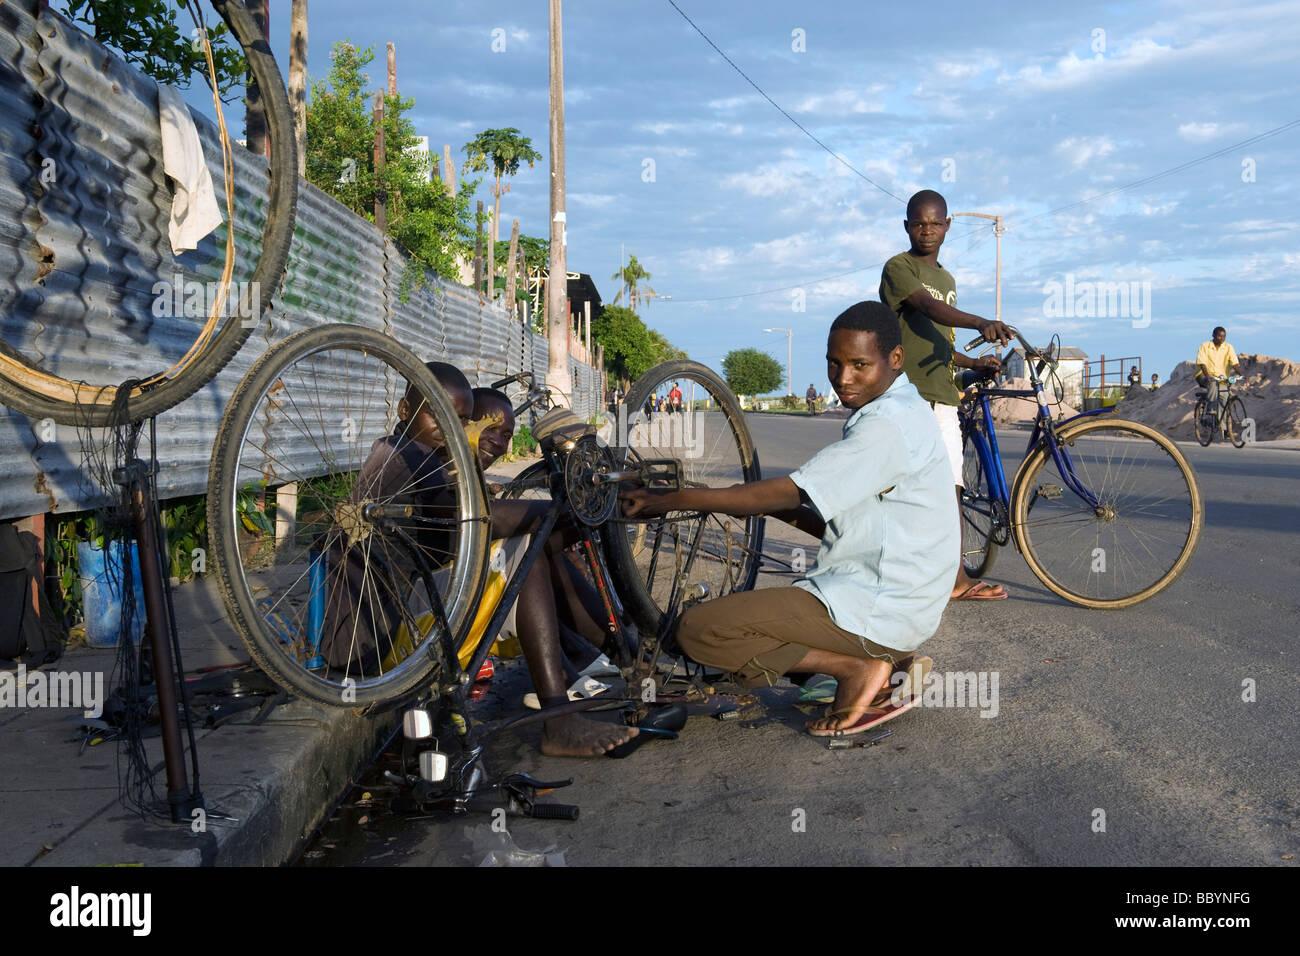 Les garçons l'exécution d'un atelier de réparation de bicyclettes dans les rues de Quelimane Photo Stock